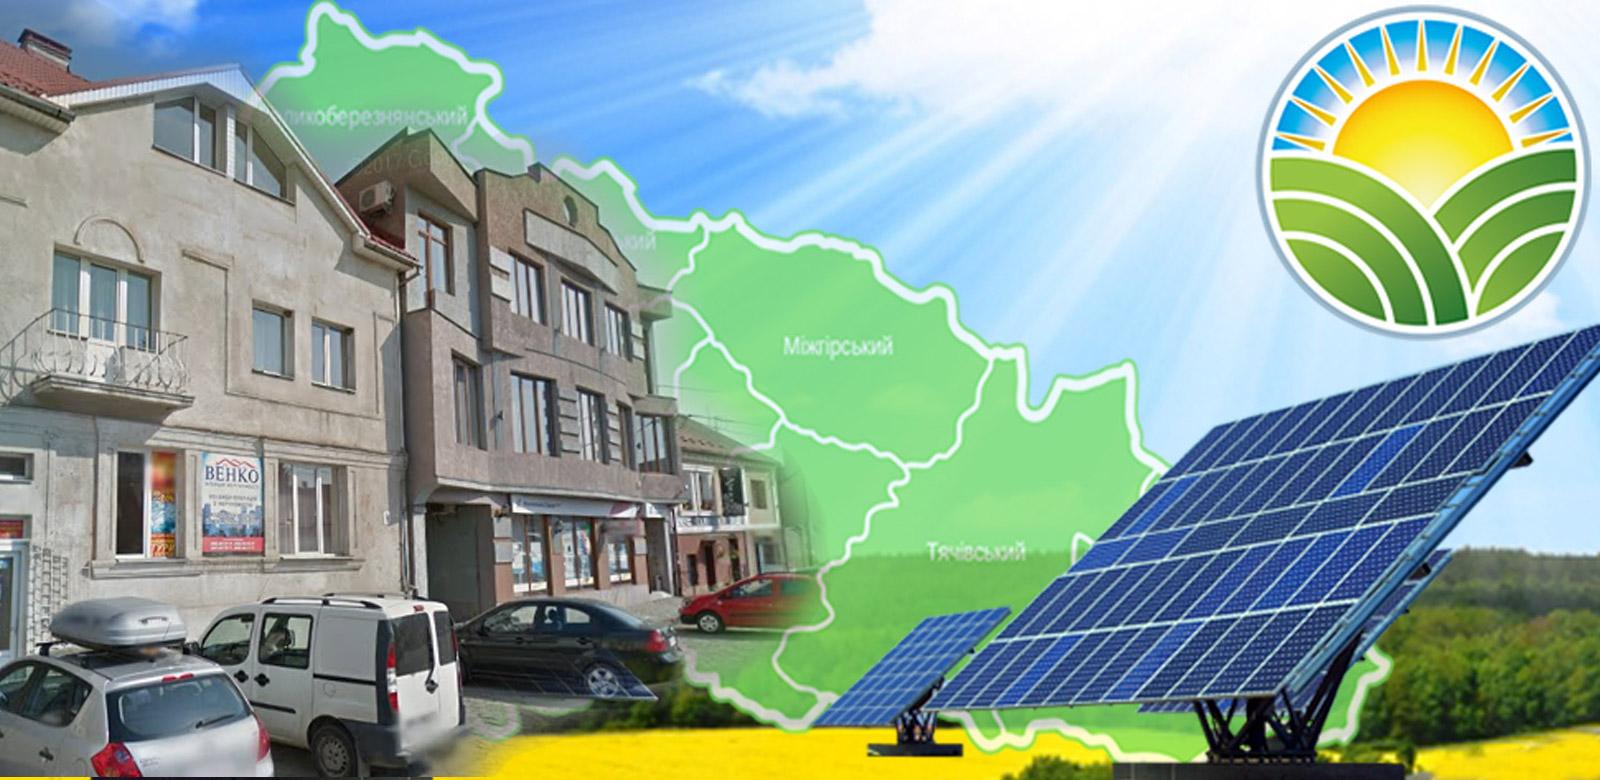 ТОВ «Сонячна енергія плюс»